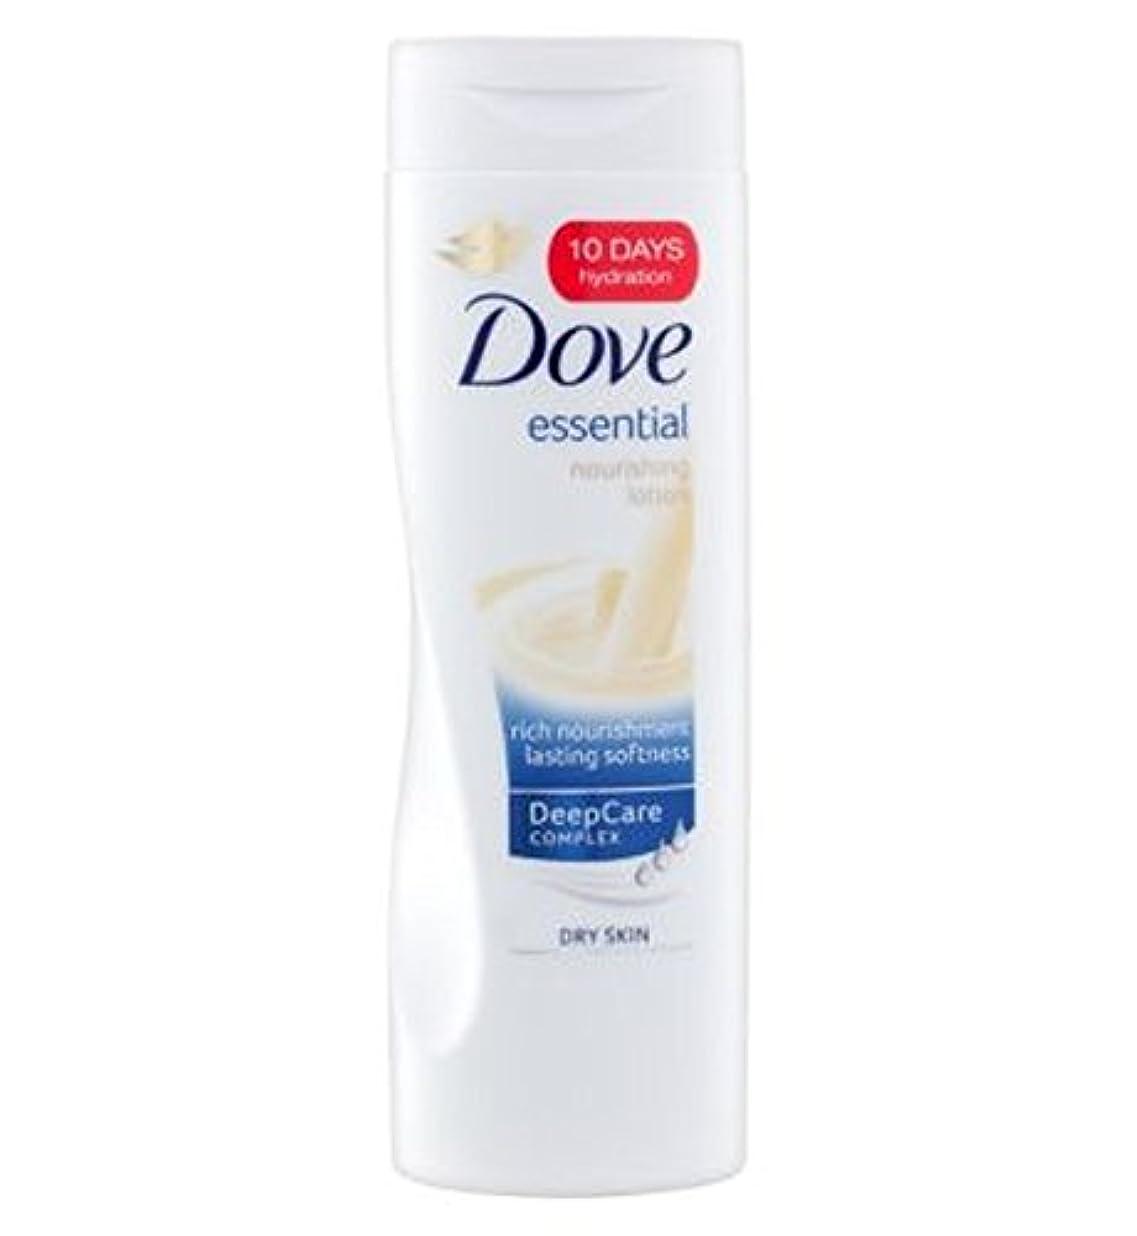 サルベージ偽善卑しいDove Essential Nourishing Lotion Dry Skin 400ml - 鳩不可欠な栄養ローション乾燥肌用400ミリリットル (Dove) [並行輸入品]